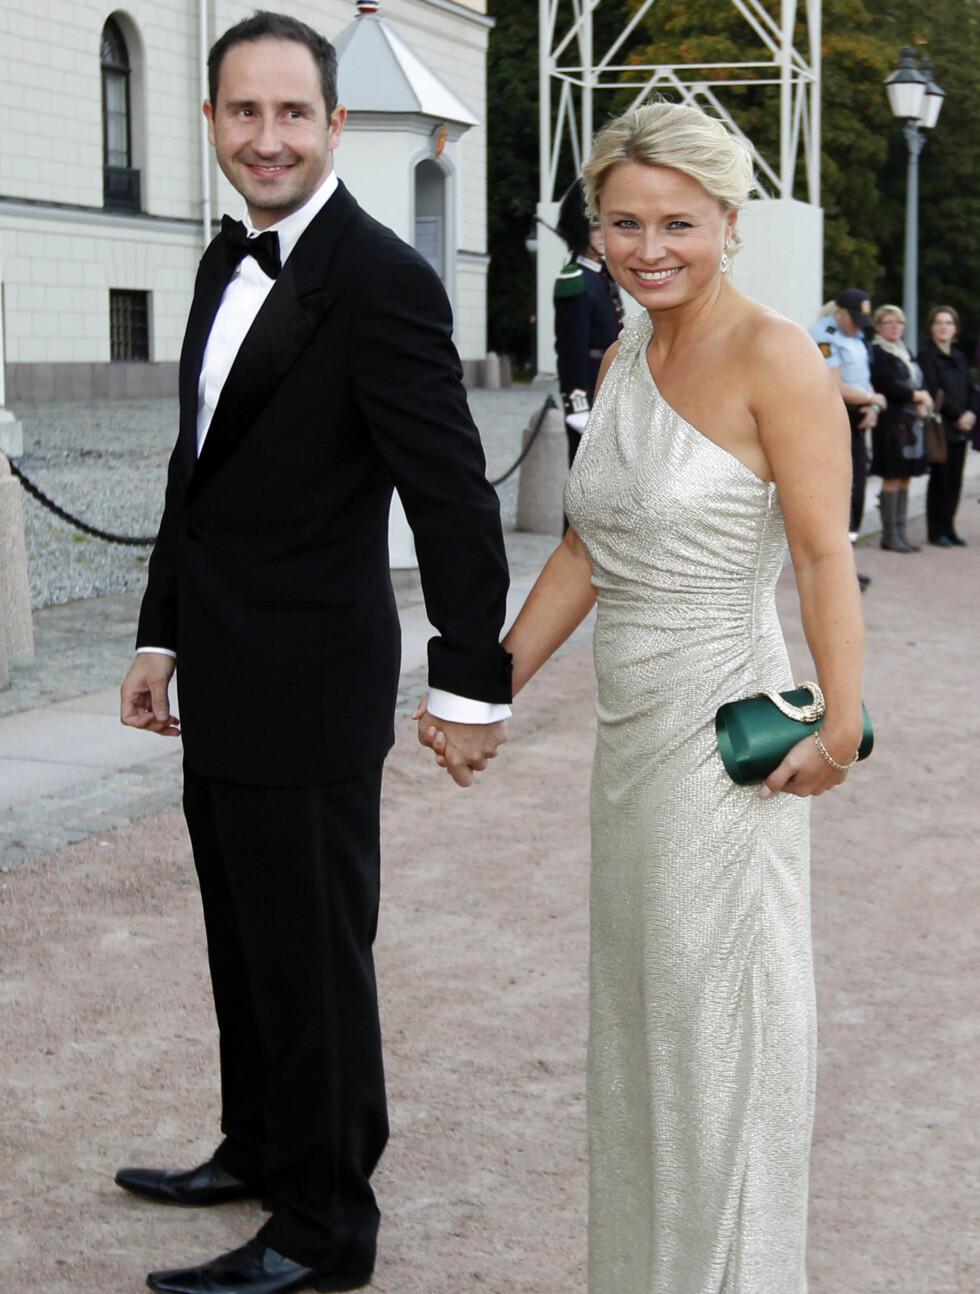 GIFT: Harald Rønneberg giftet seg med kjæresten Sølvi Haugland både 2. oktober 2010 og 20. august 2011. Her fra da paret var på vei inn til feiringen av prinsesse Märtha Louises 40-årsdag på Slottet i fjor høst. Foto: NTB scanpix